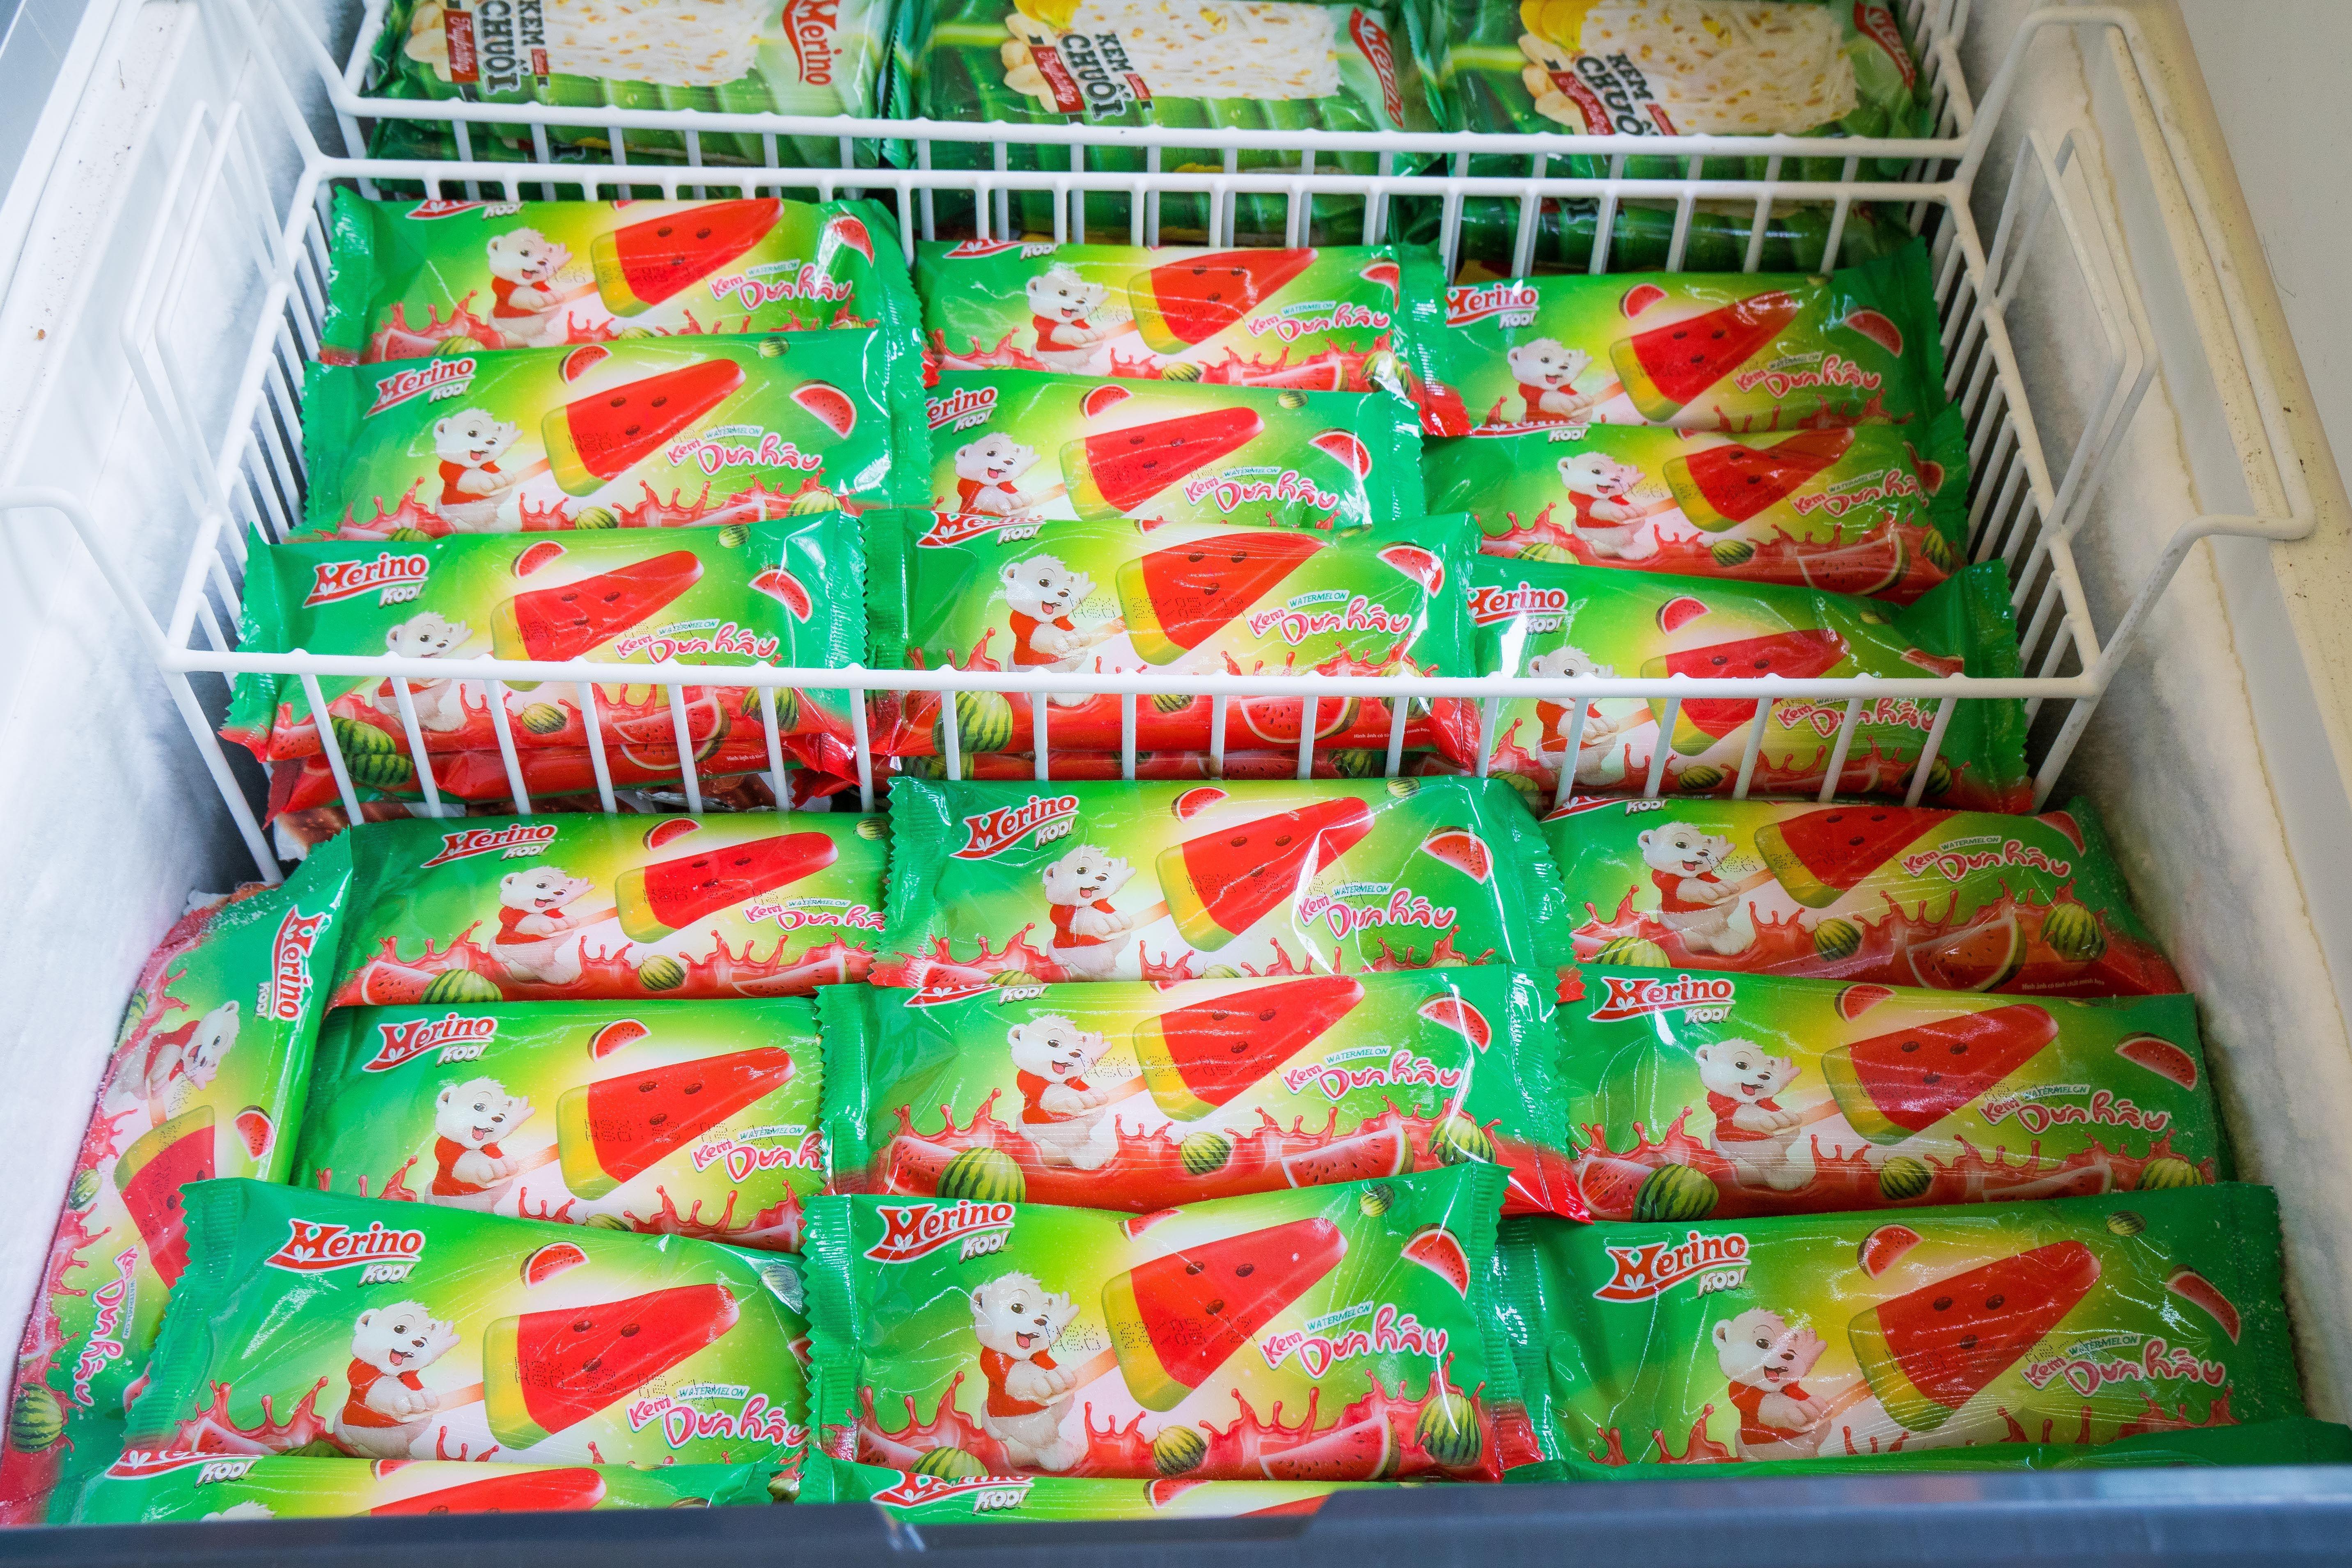 Kido Foods (KDF): LNTT 7 tháng tăng trưởng 284% lên 155 tỷ đồng, vượt kế hoạch cả năm nhờ mở rộng kênh phân phối